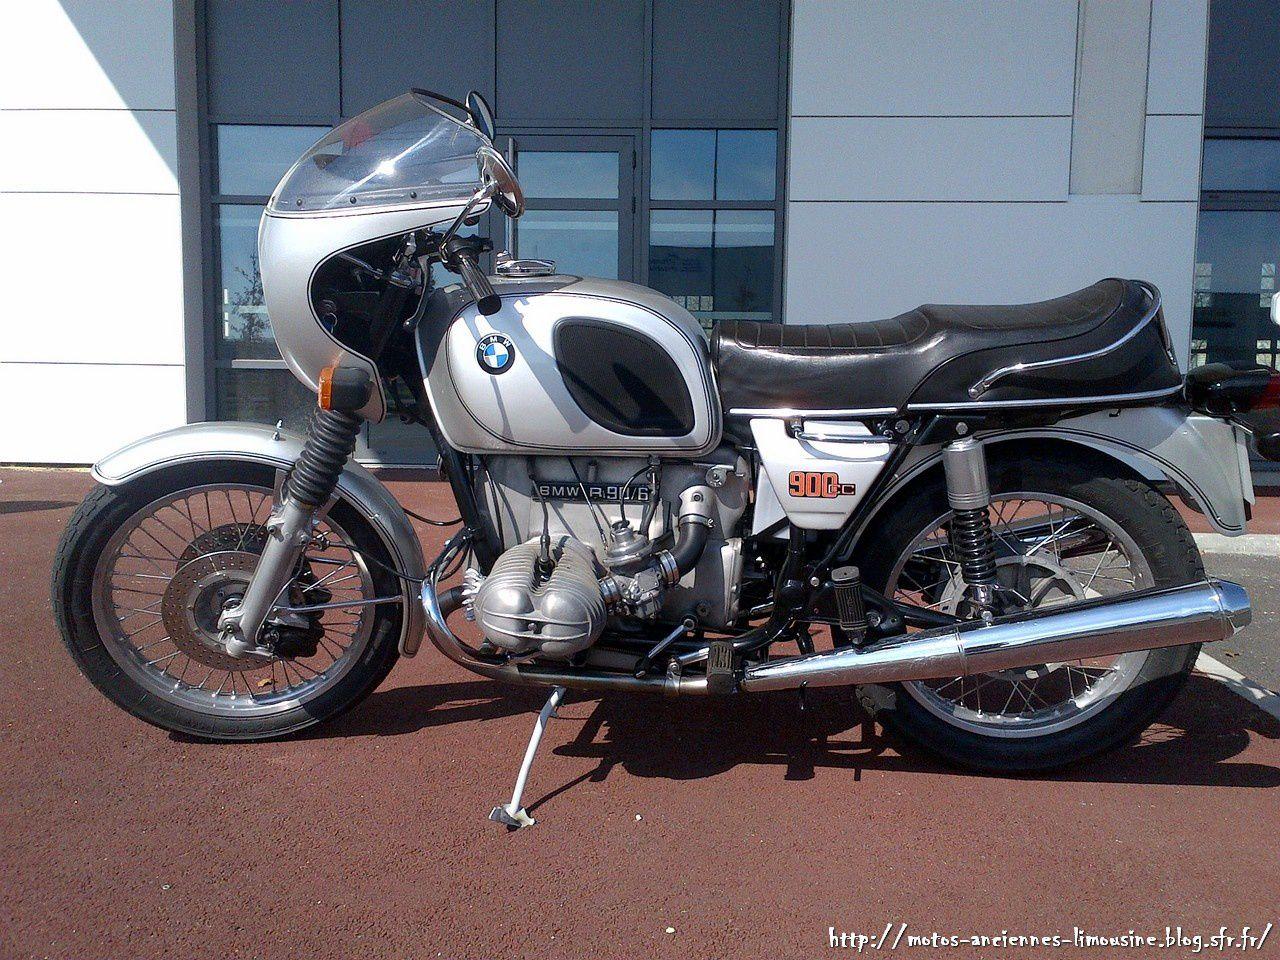 Restauration d'une BMW R90/6 de 1974